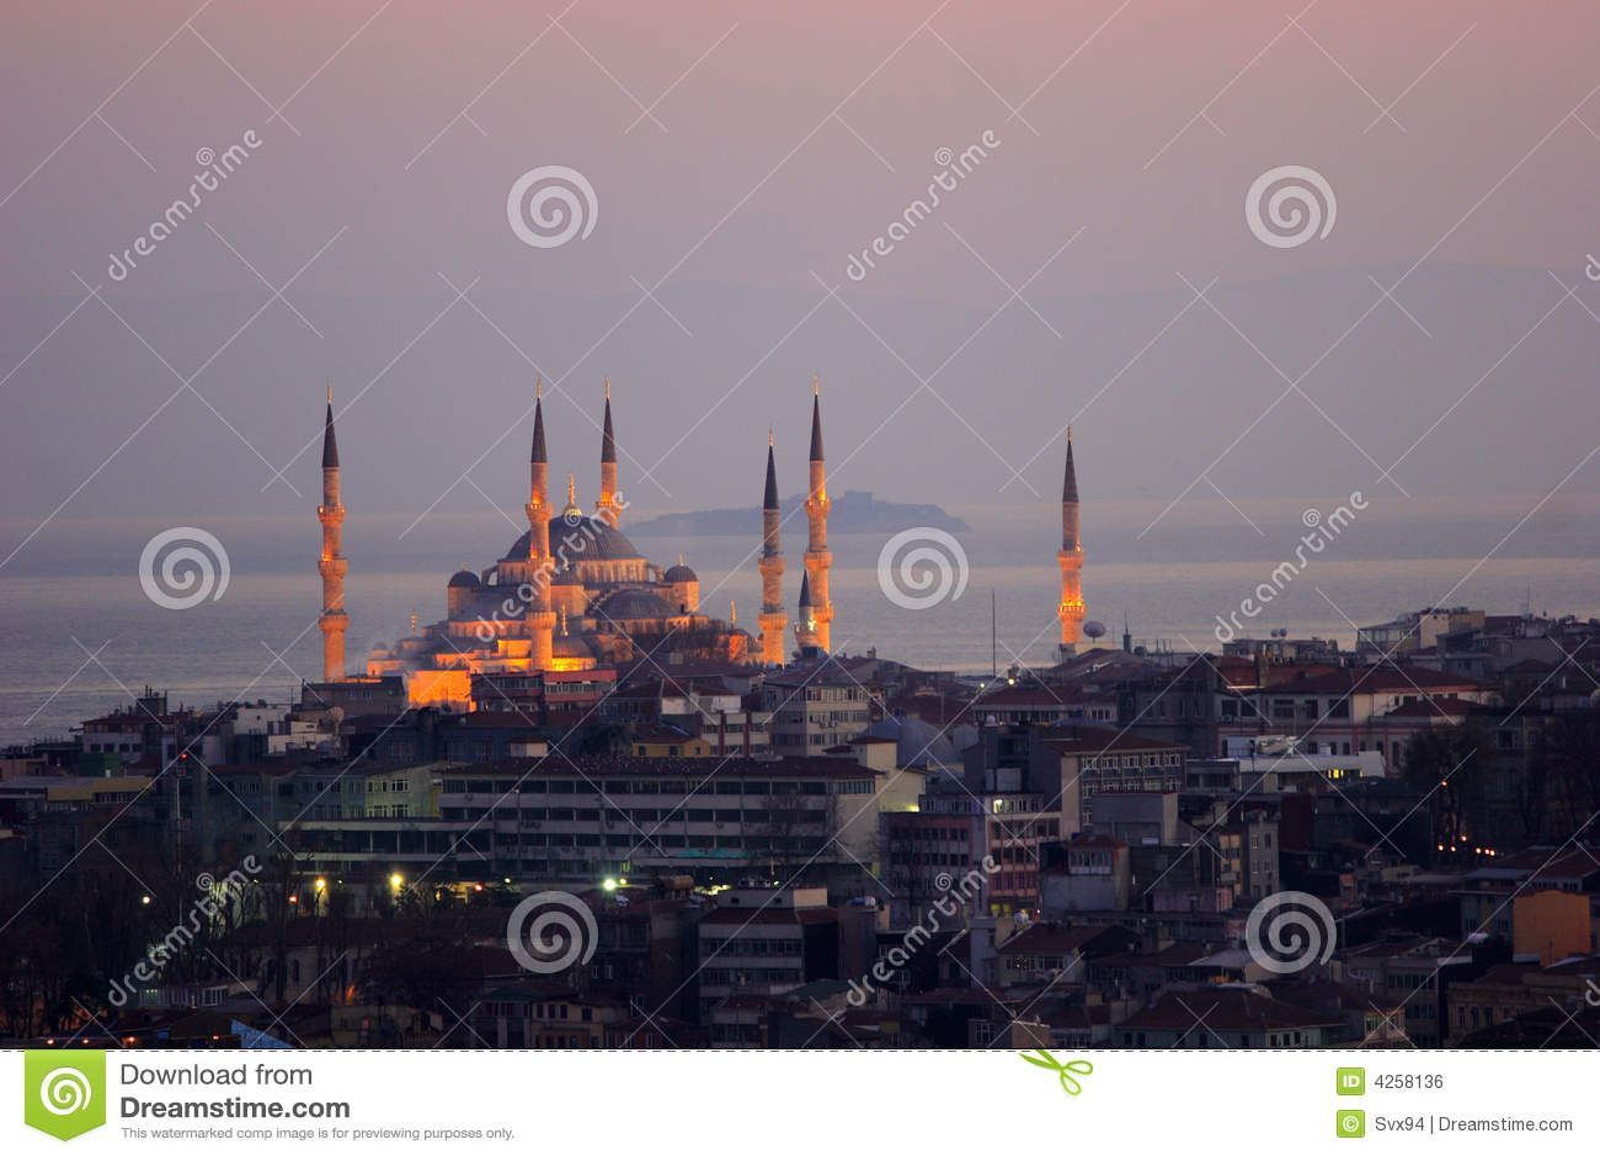 Die Sultan-Ahmed-Moschee - blaue Moschee von Istanbul